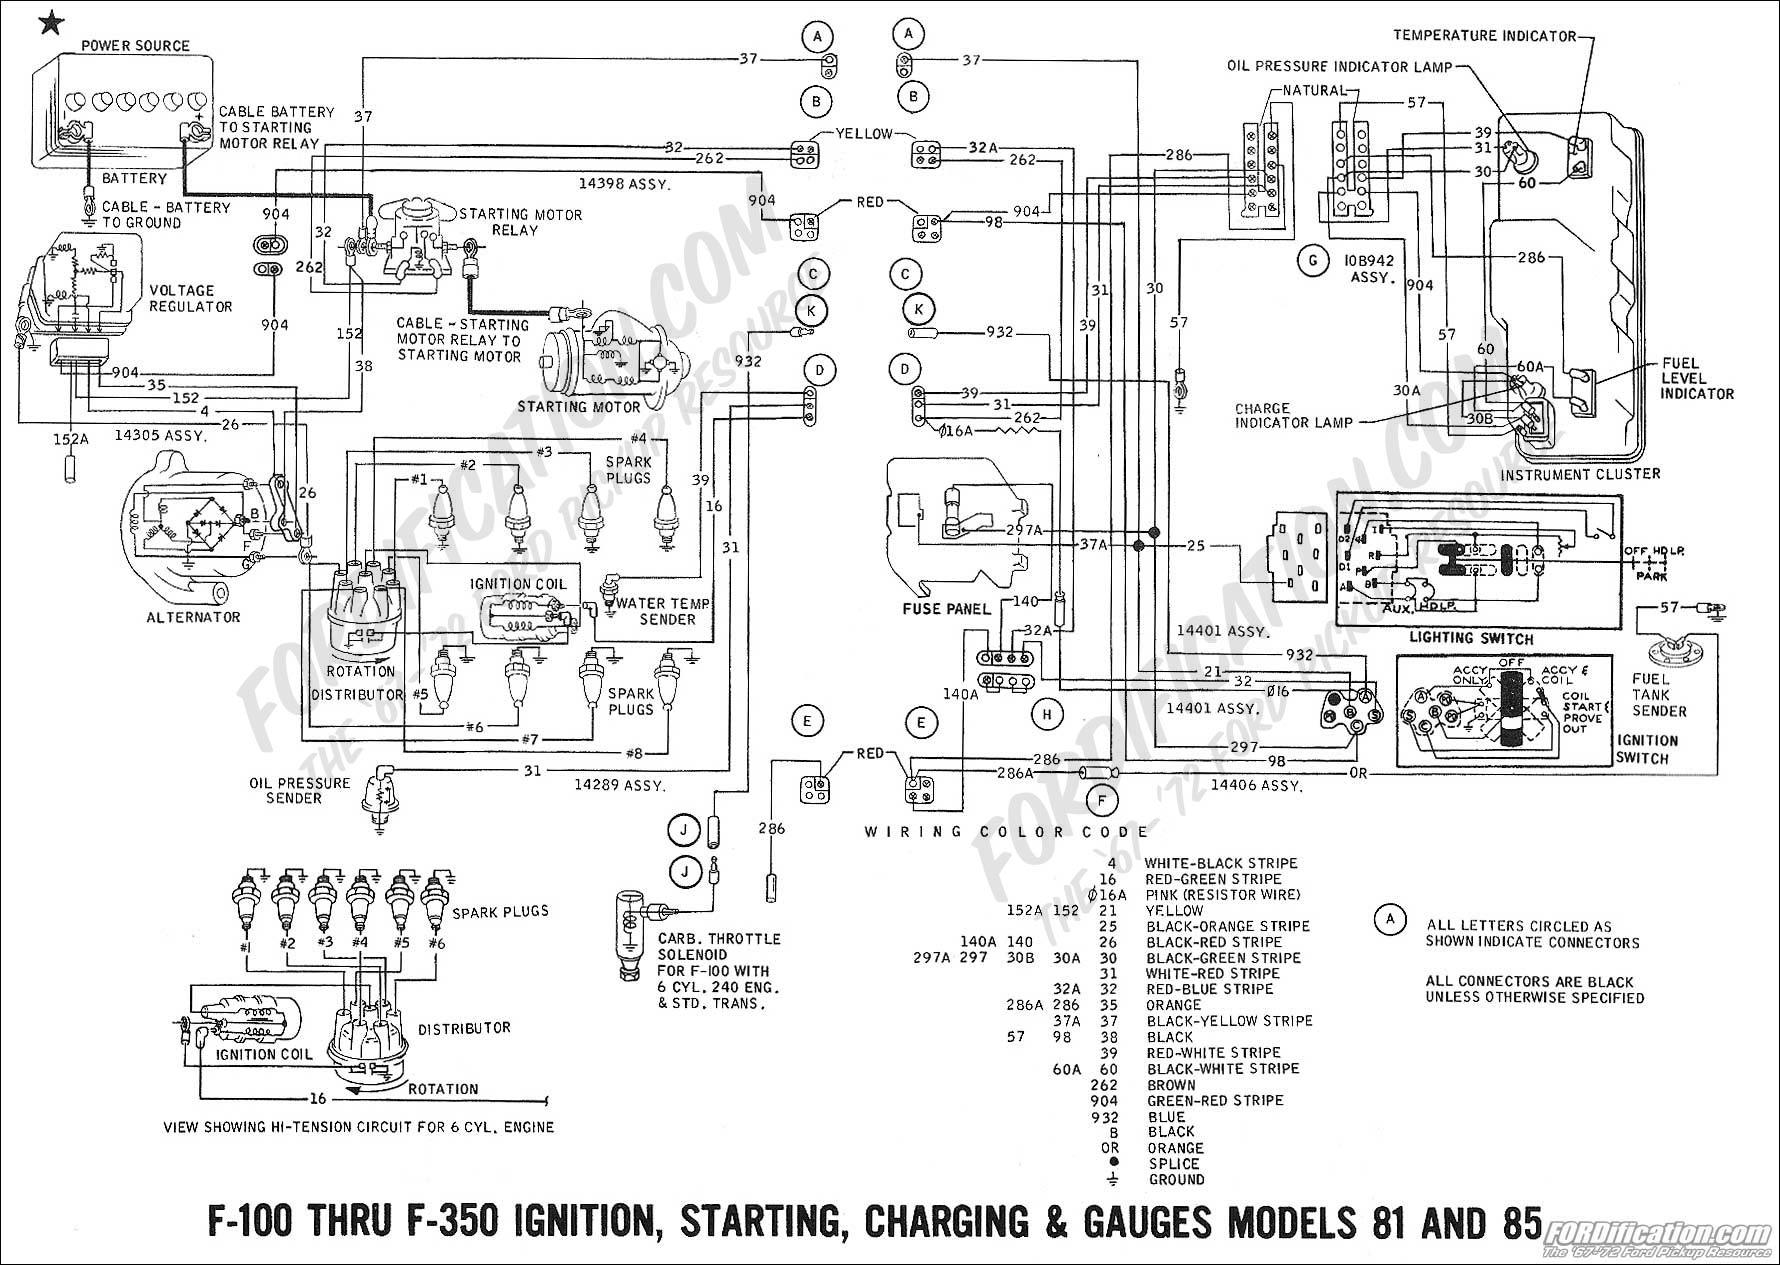 2001 Mazda Miata Wiring Diagram. diagram mazda mx 5 stereo